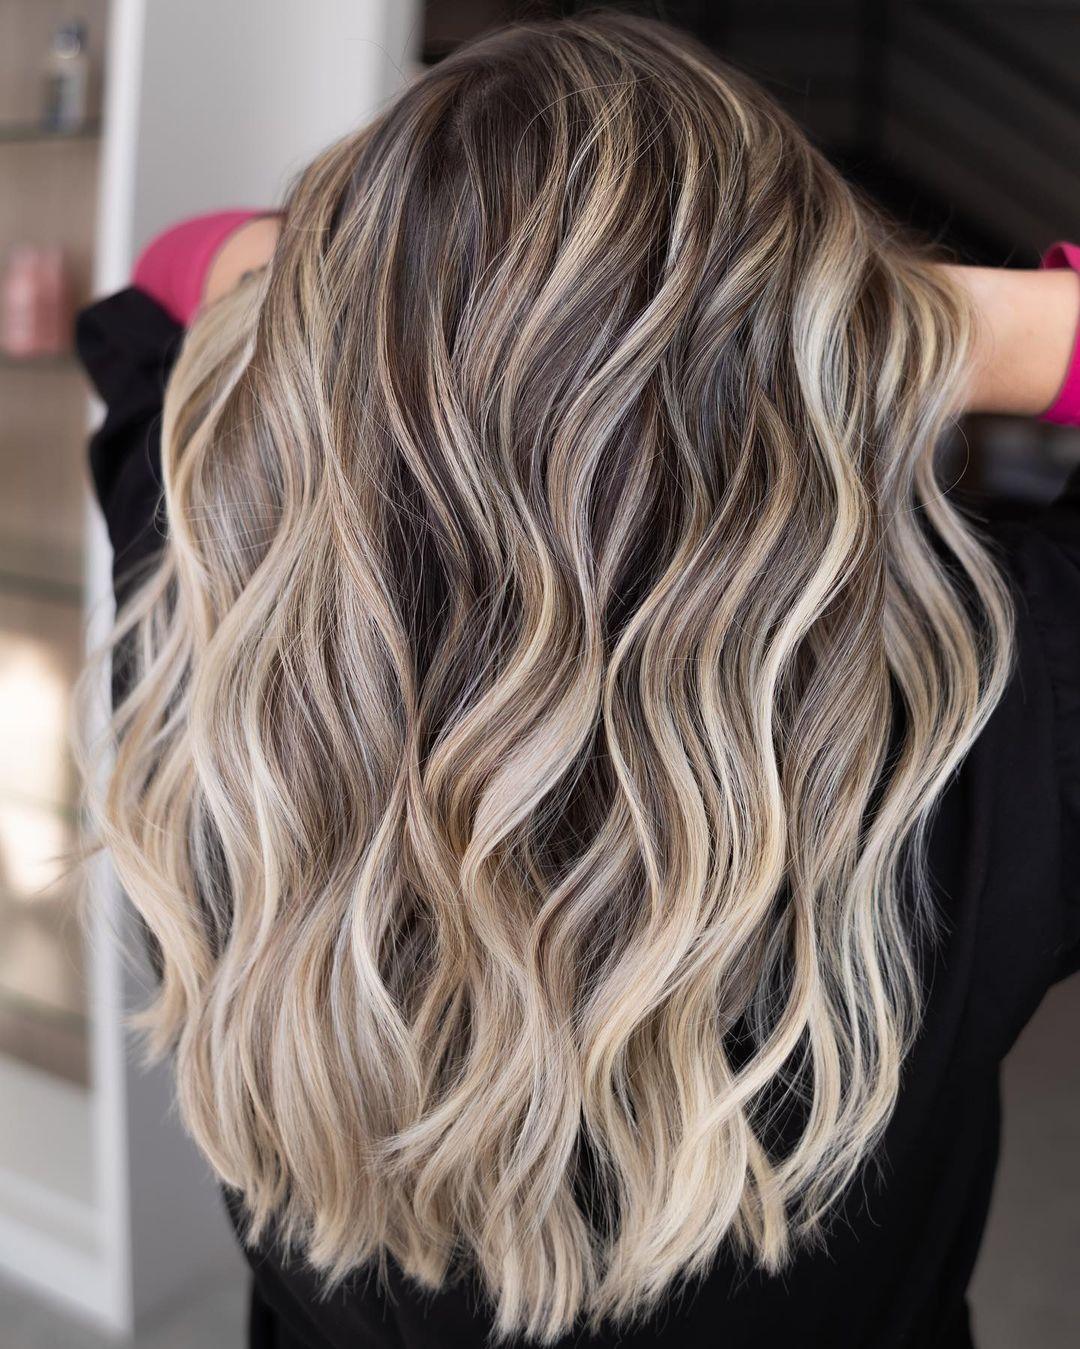 Beige Blonde Highlights for Dark Hair